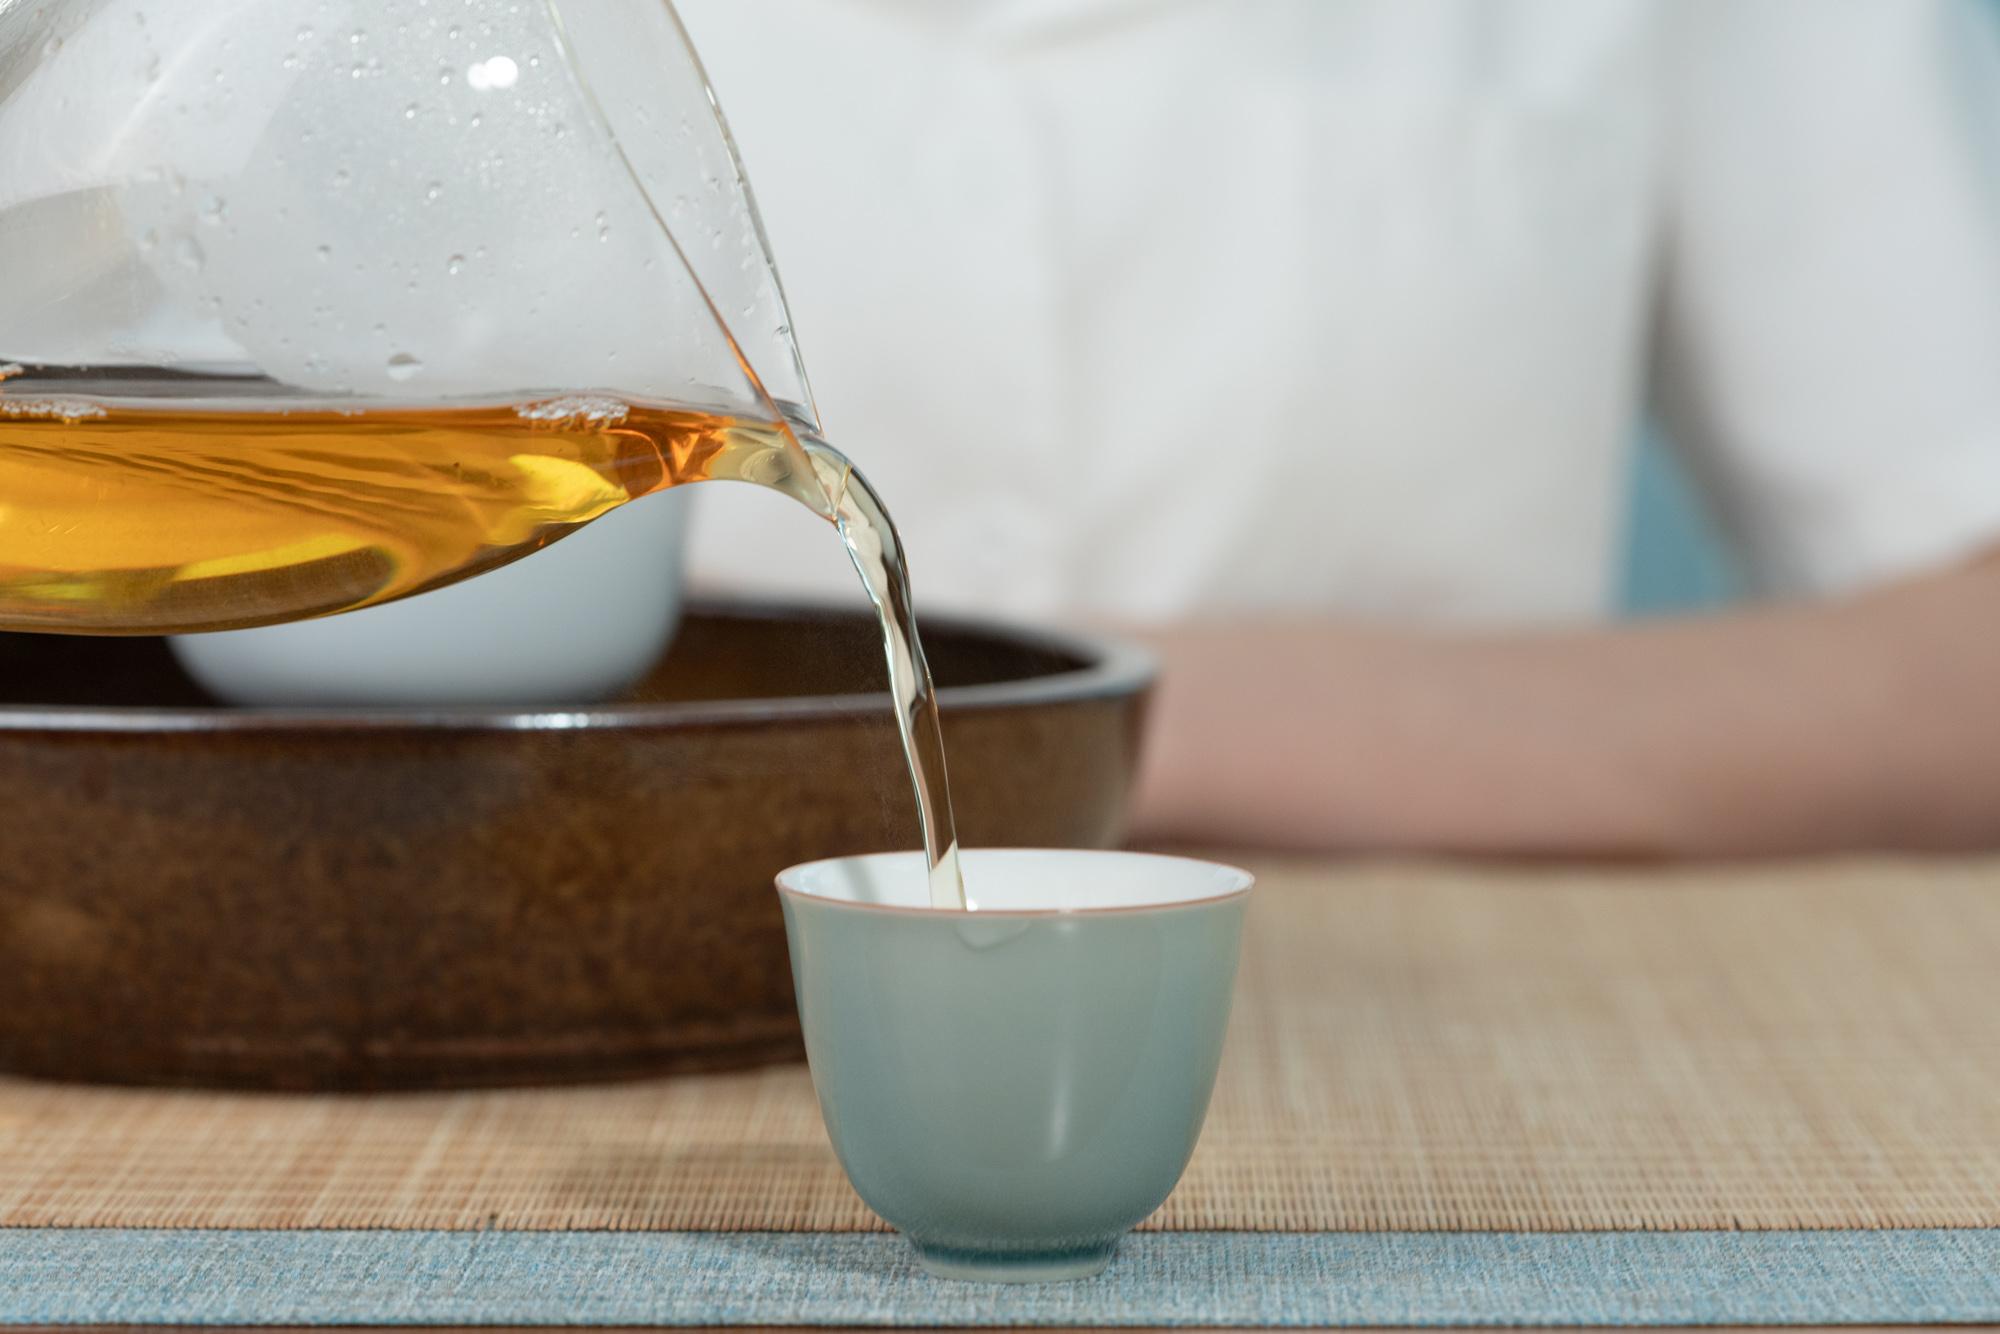 小喜年-令人反感的6种喝茶行为,你有做过吗?